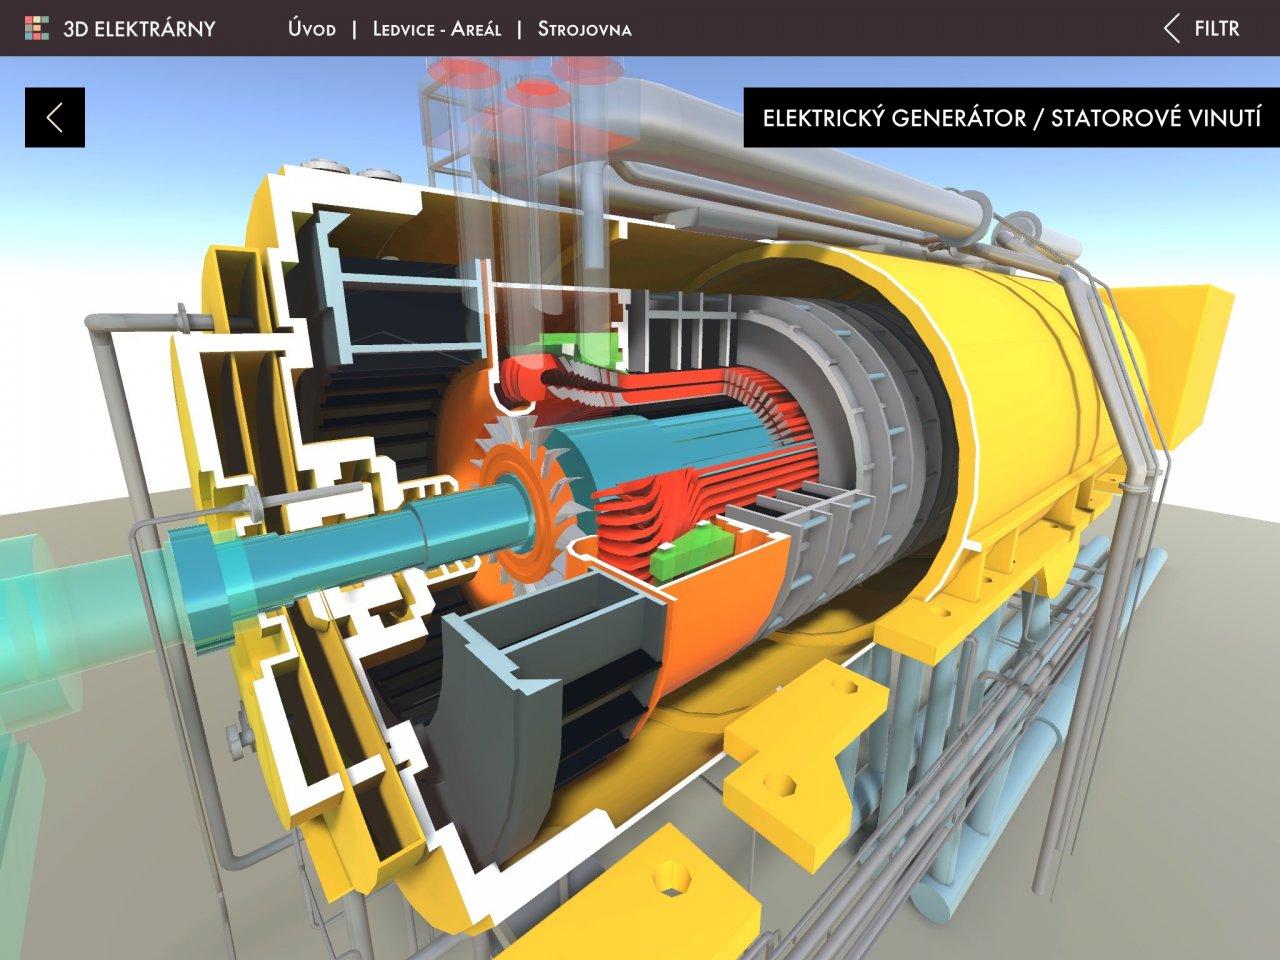 Poznejte principy jaderných elektráren díky 3D modelu